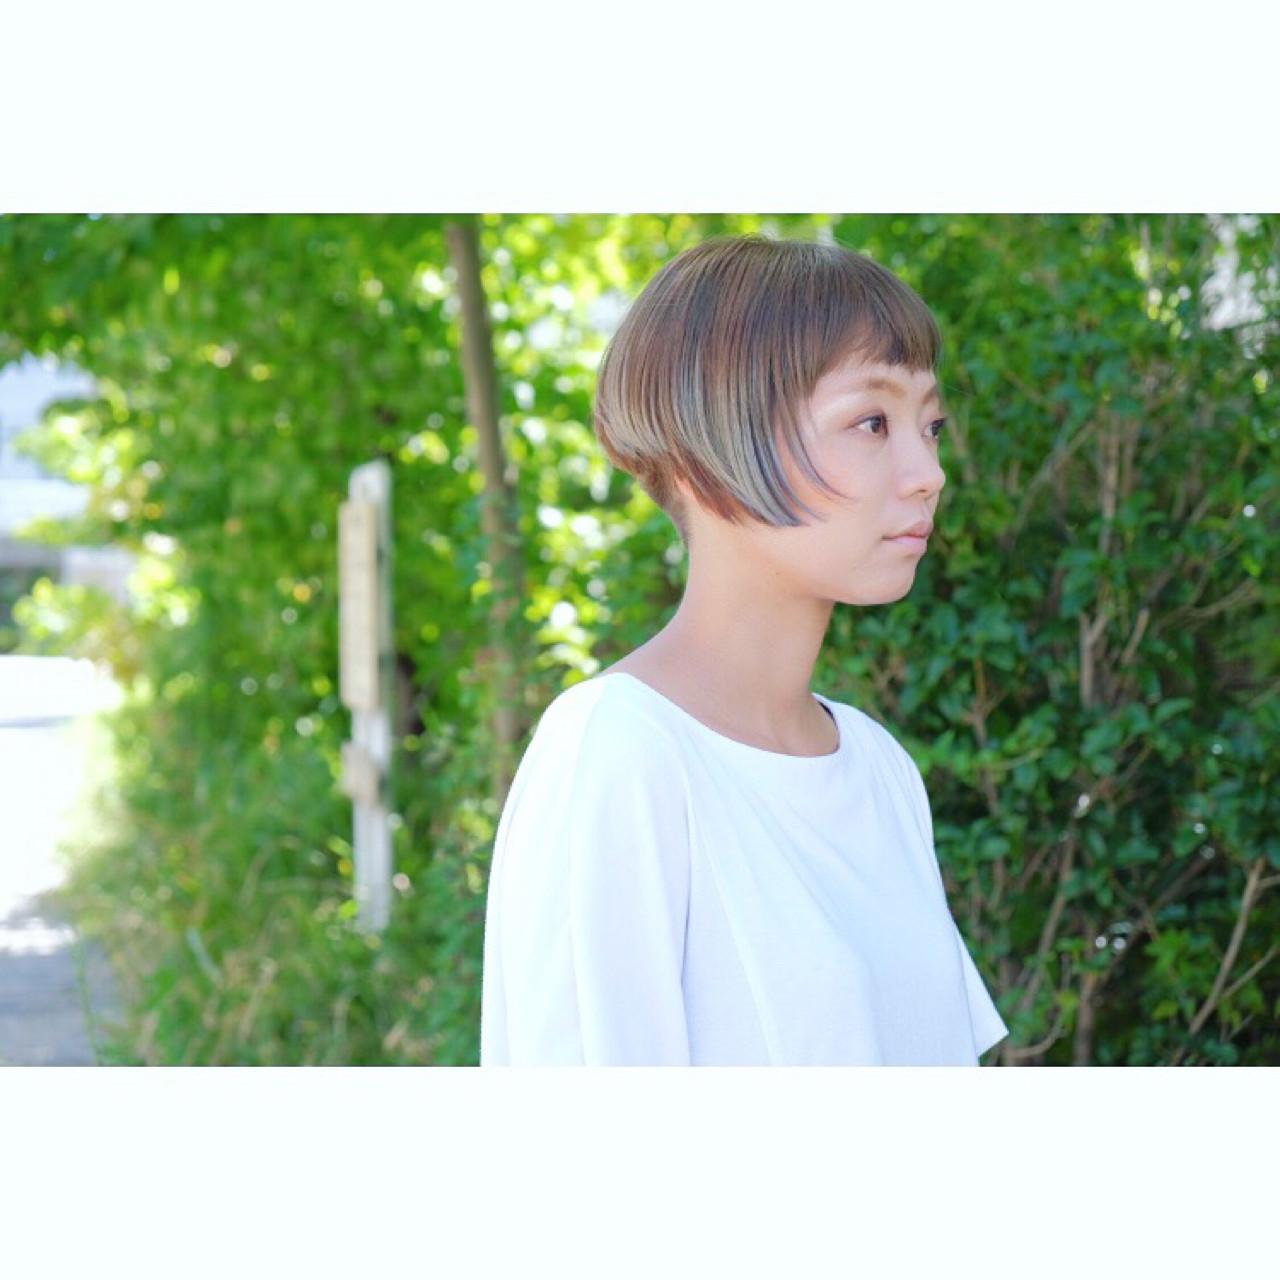 おかっぱ×前下がりで素敵女子に変身して! 松永和樹